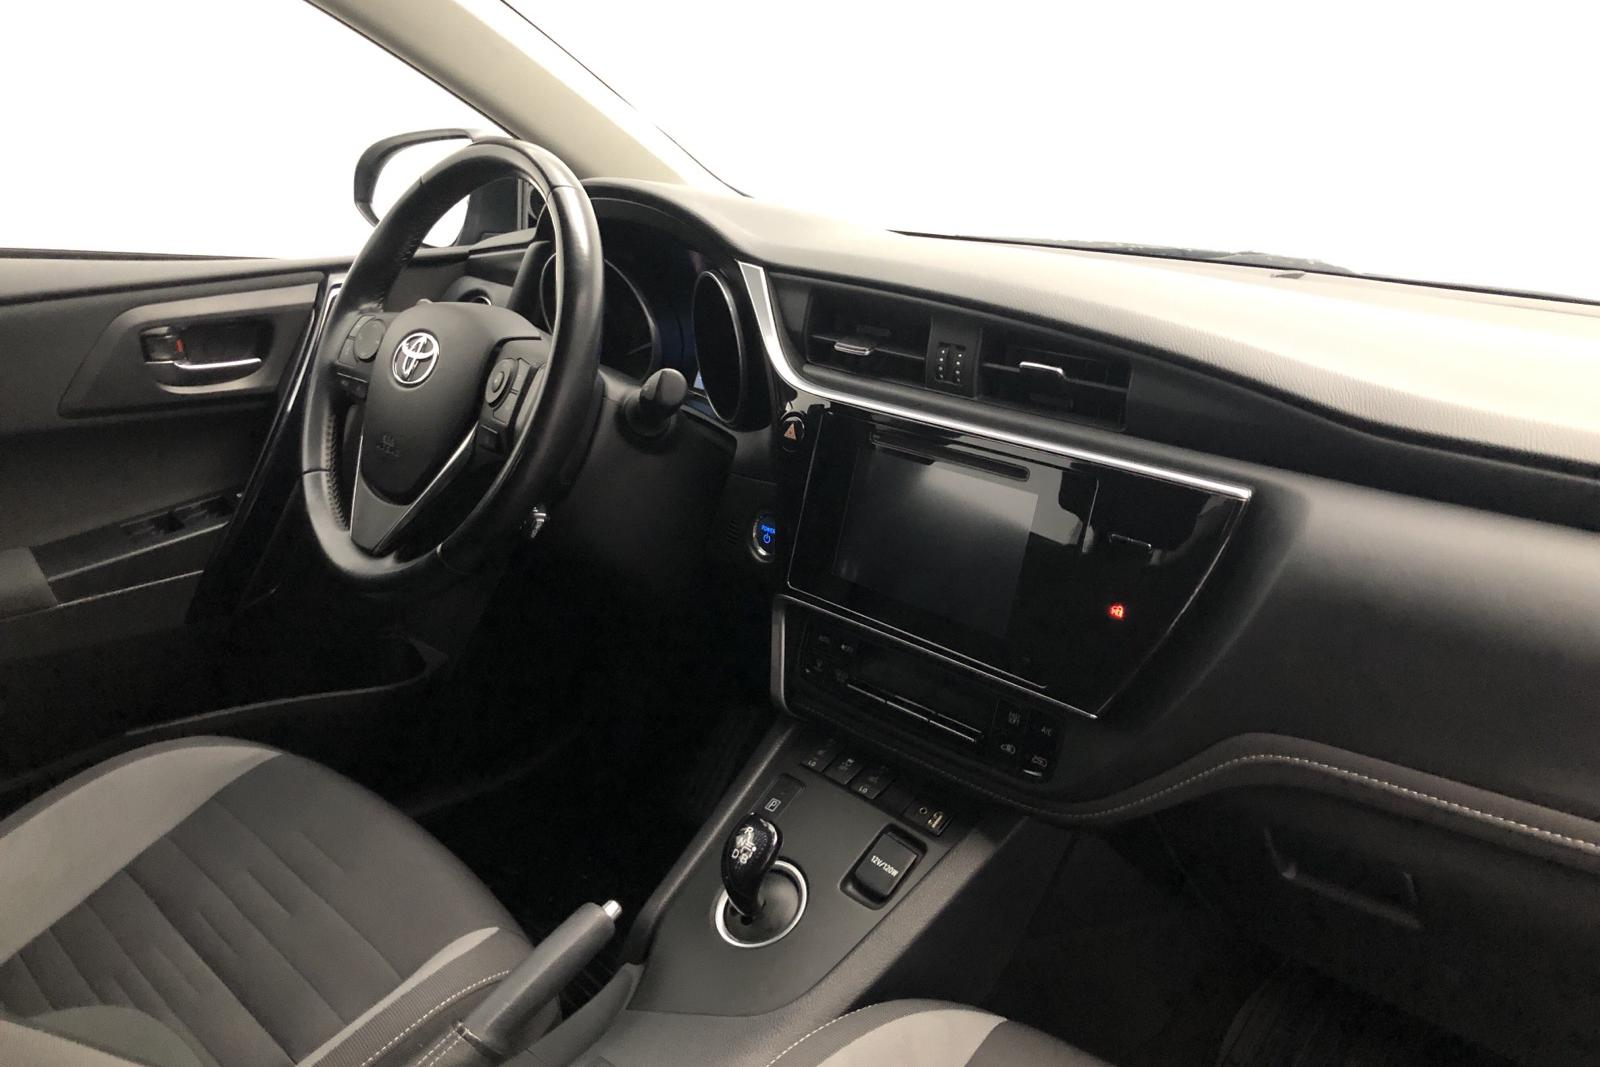 Toyota Auris 1.8 HSD 5dr (99hk) - 14 900 mil - Automat - Dark Blue - 2017